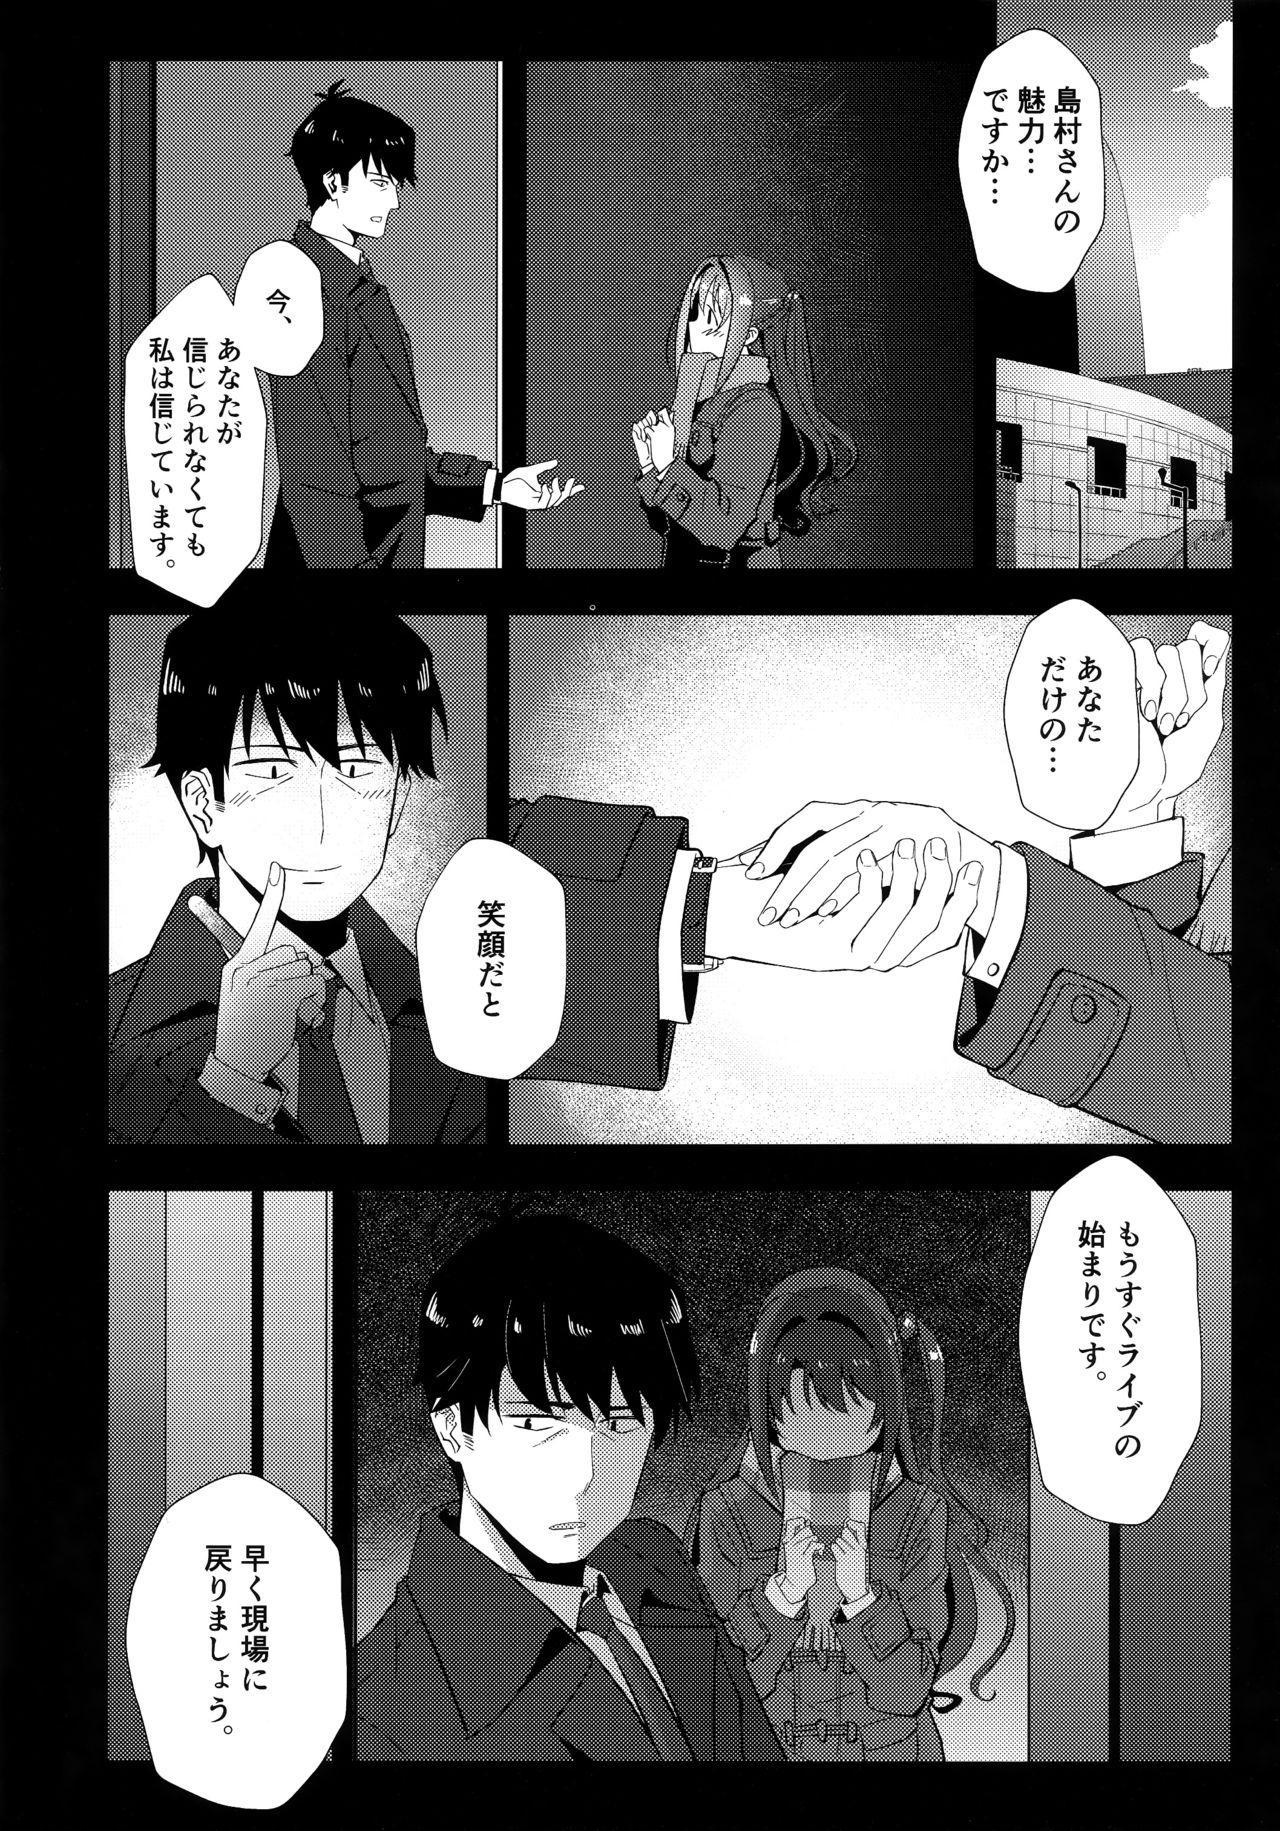 Yugami 10